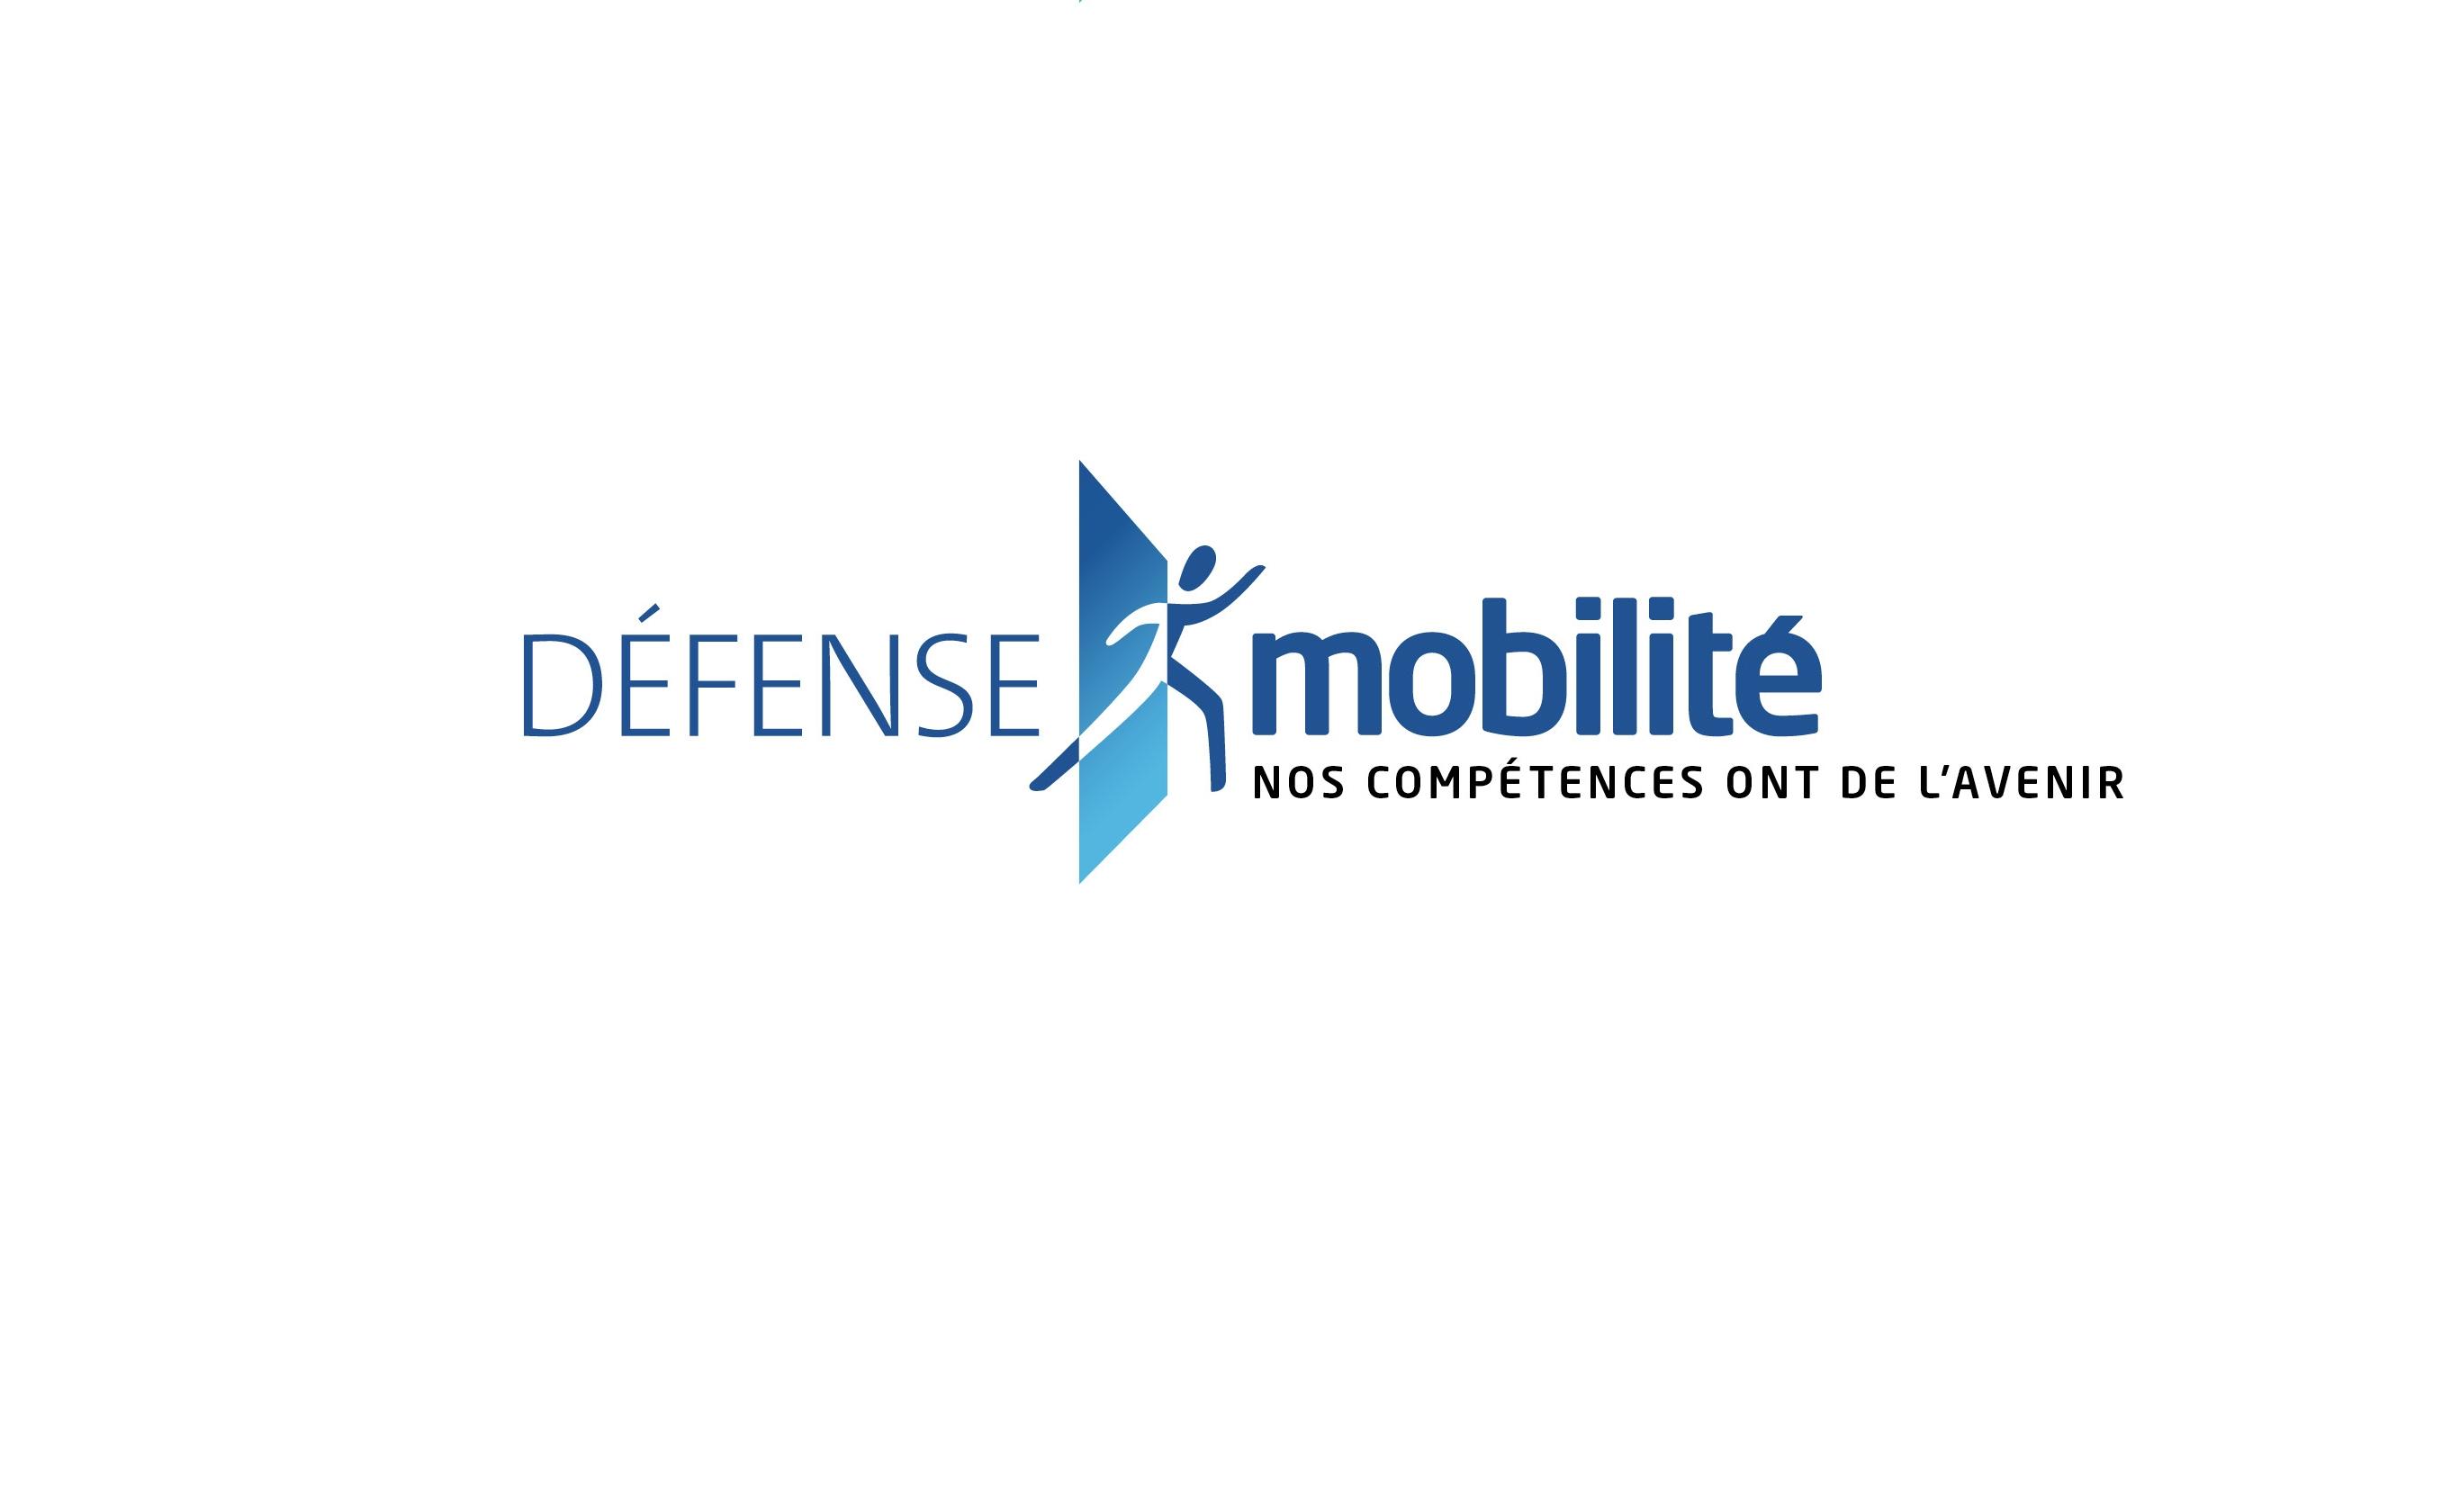 """Recruteurs : ayez le réflexe """"Défense mobilité"""""""